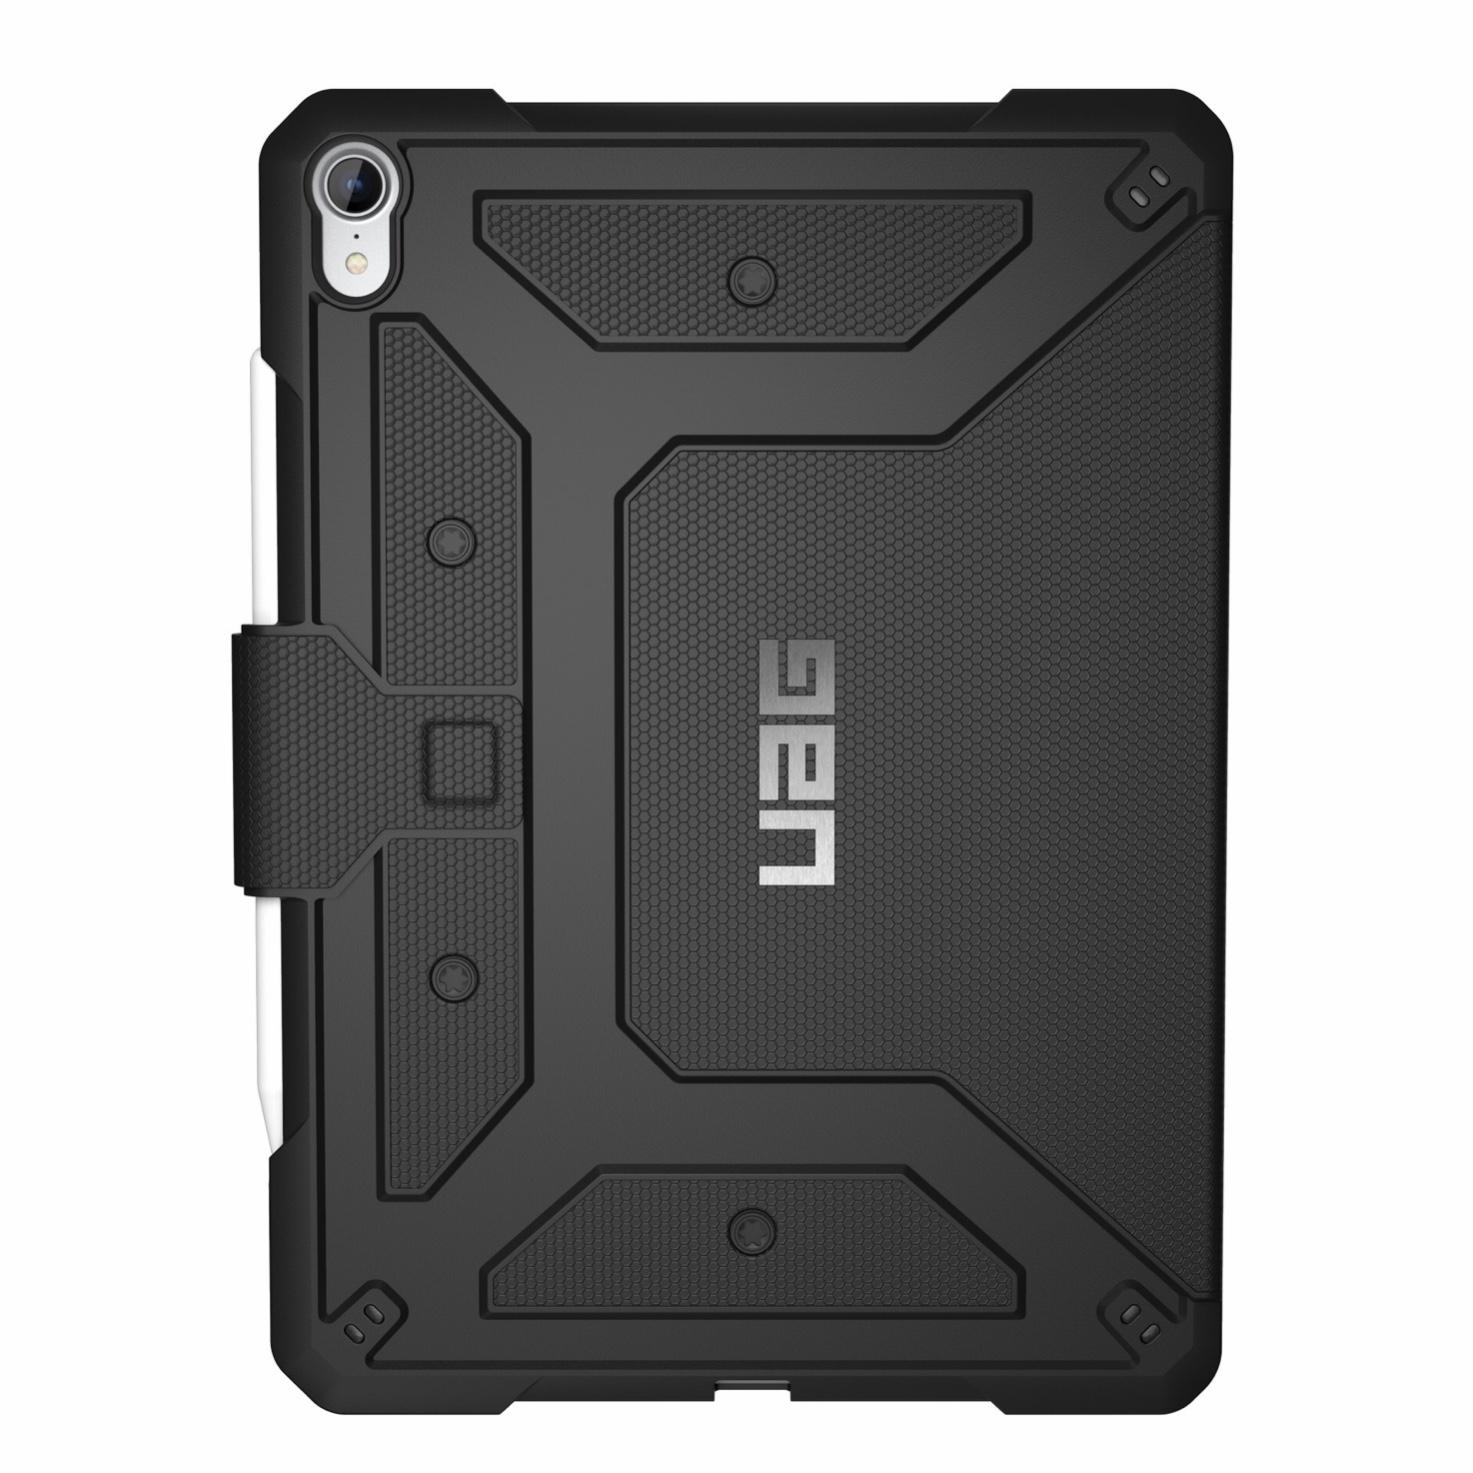 Pack 2 en 1 Coque renforcée Armure et verre de protection ecran iPad PRO 2018 12.9 pouces